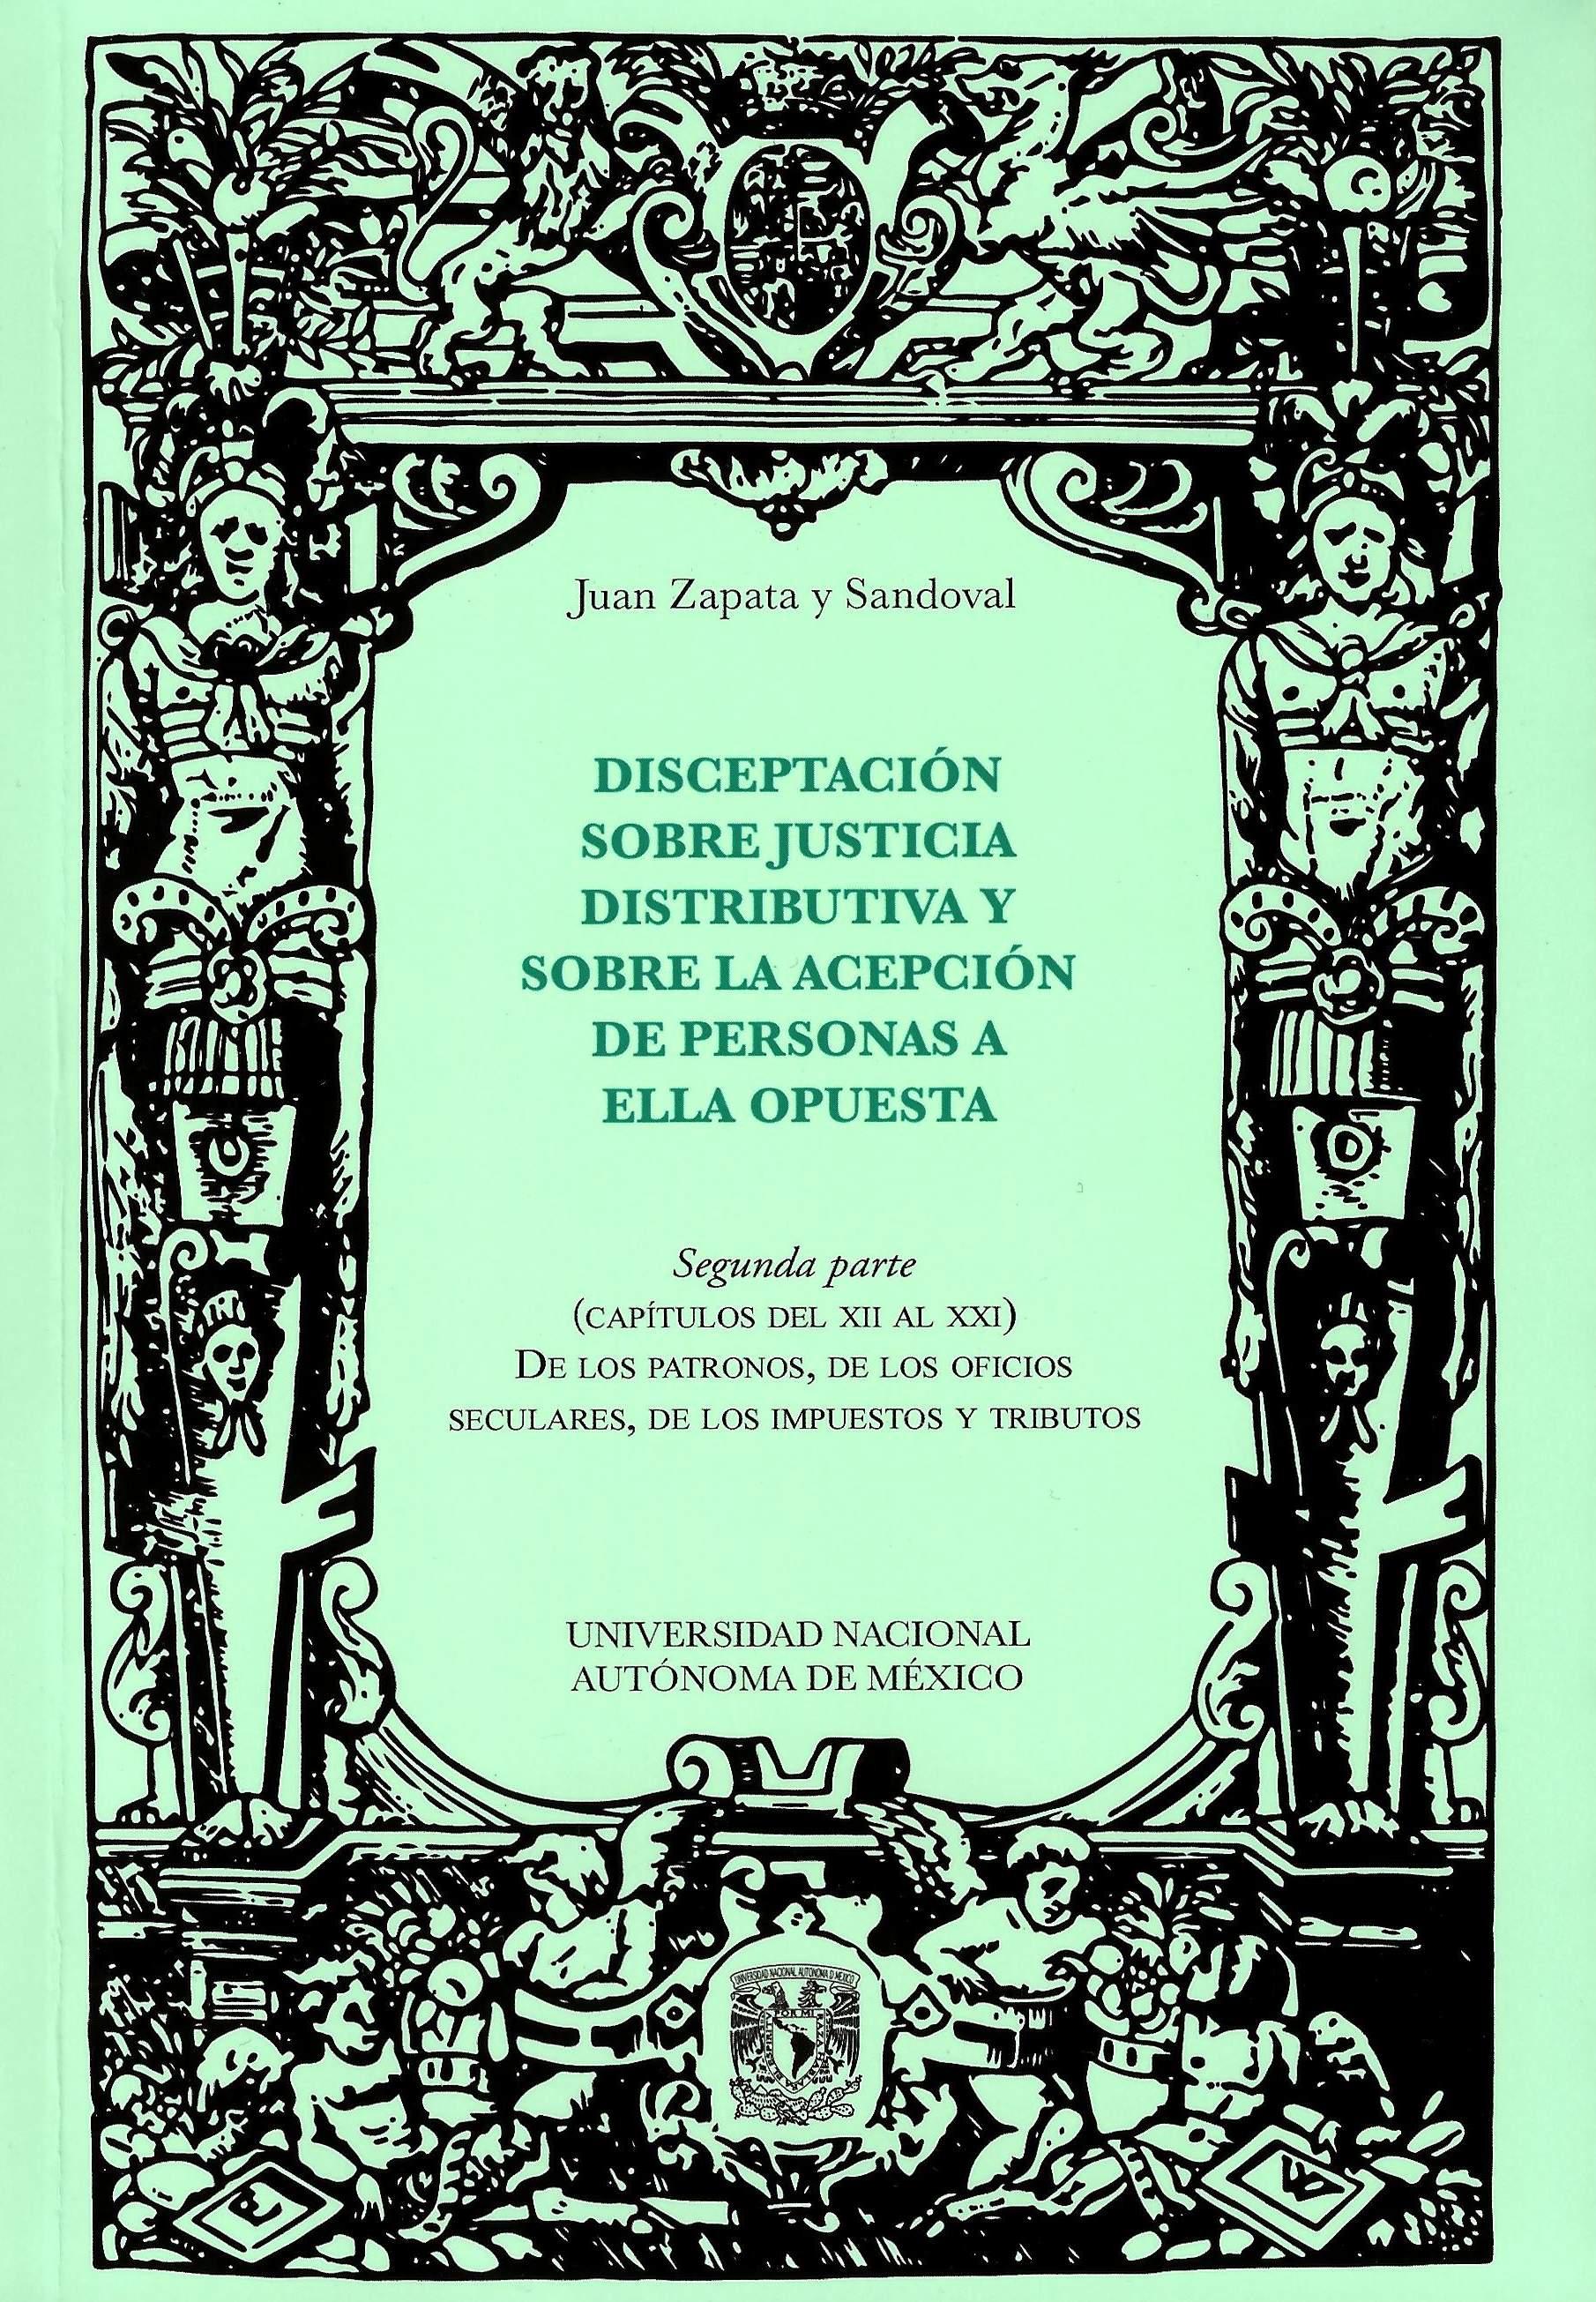 Disceptación sobre justicia distributiva y sobre la acepción de personas a ella opuesta